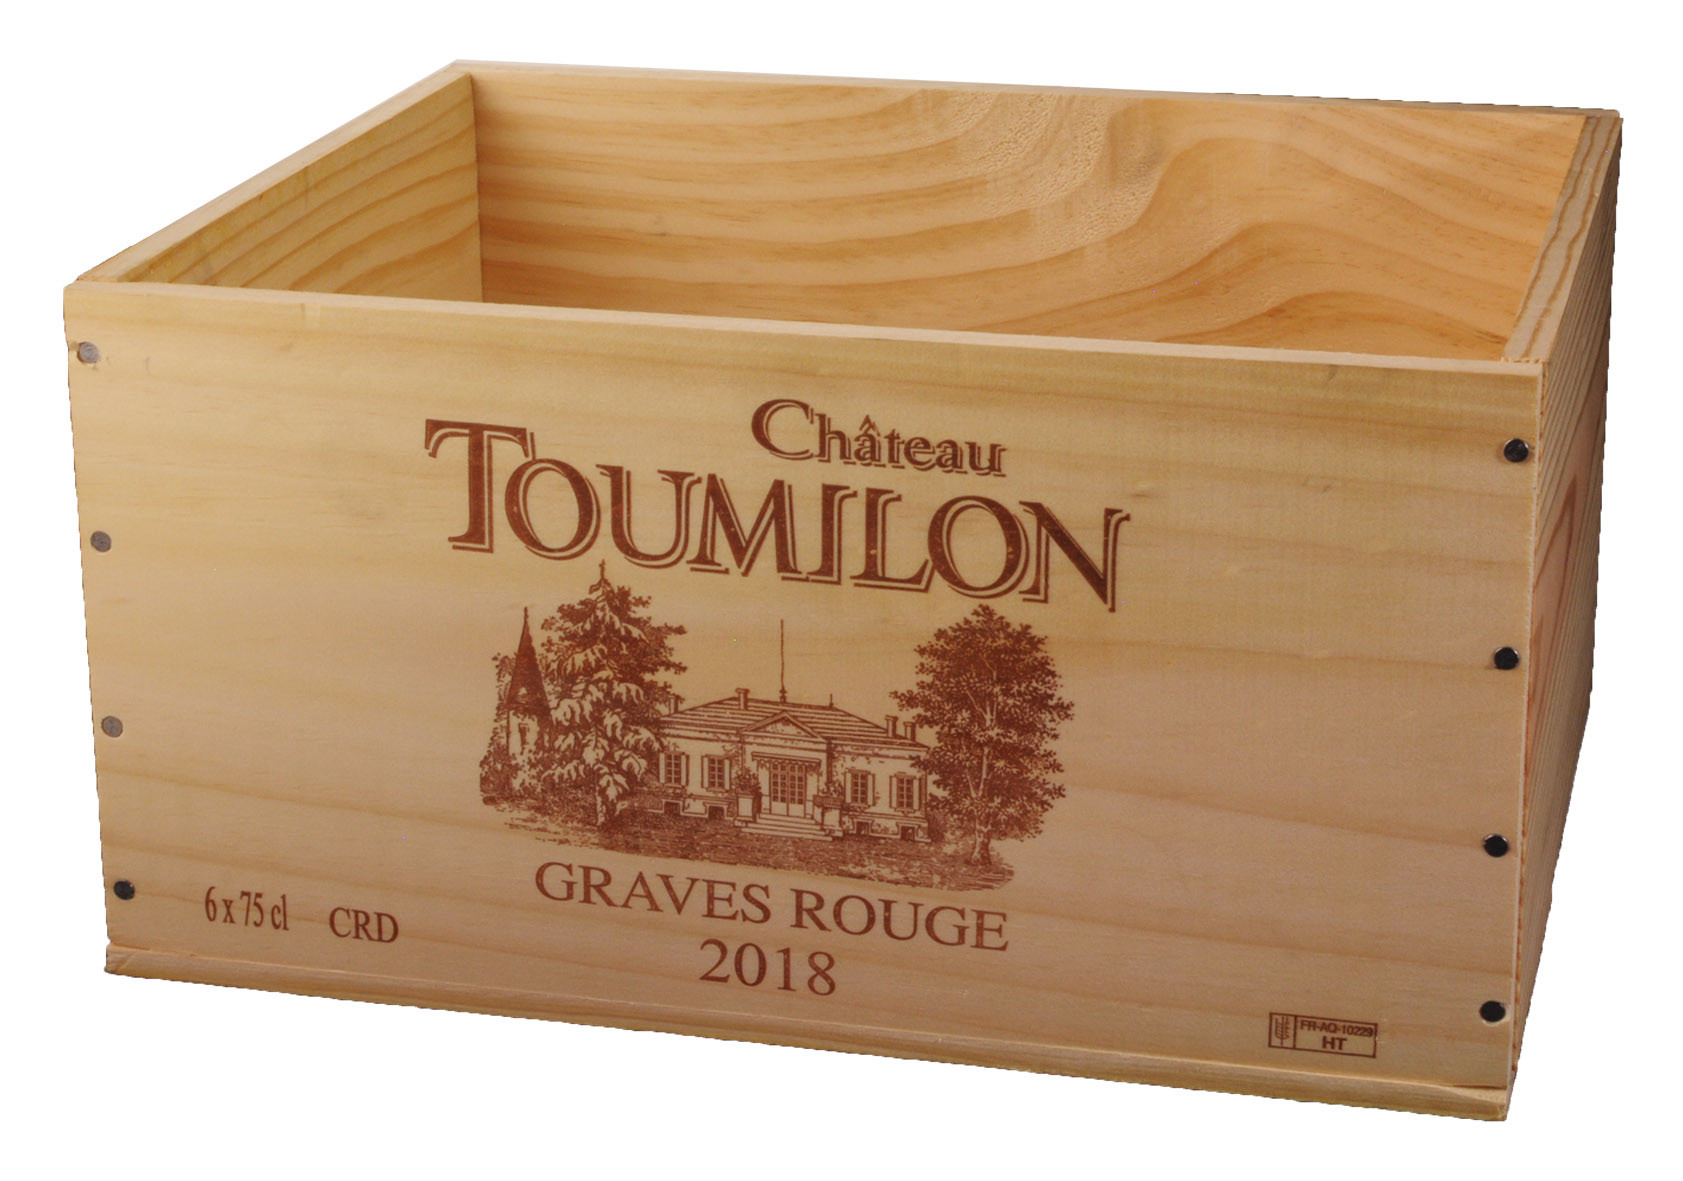 Caisse Bois 6x75cl estampillé Toumilon www.odyssee-vins.com